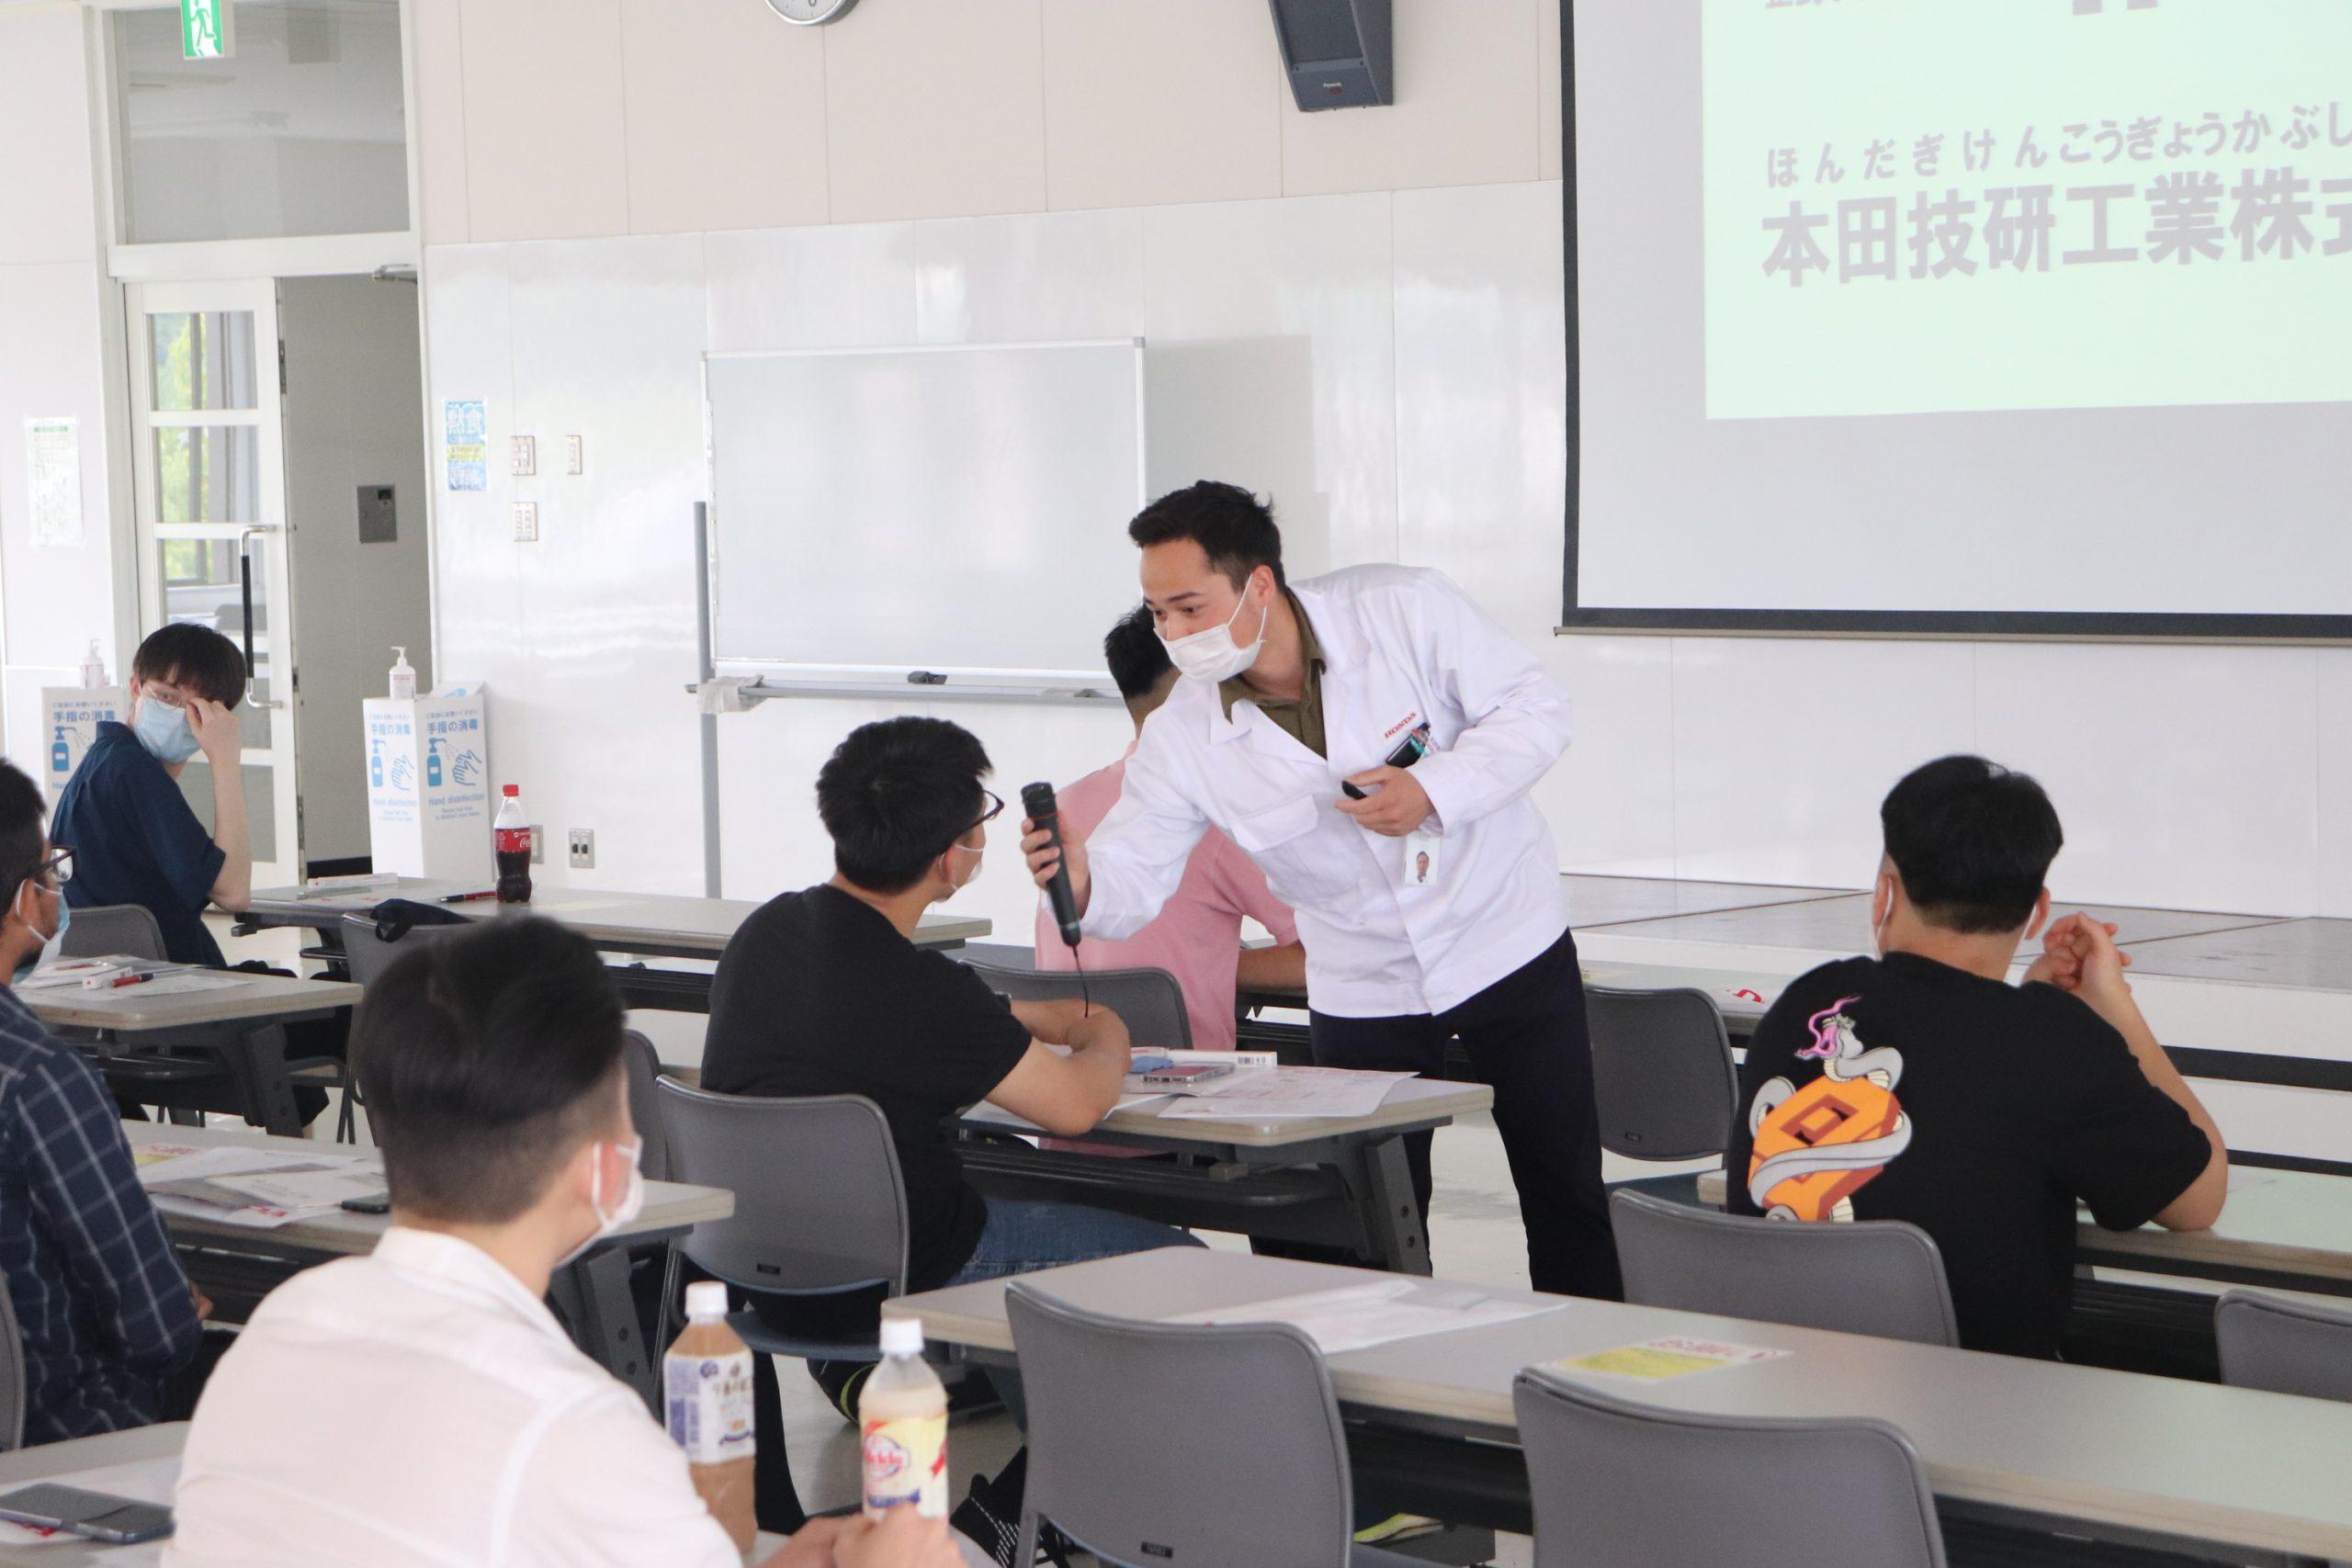 【実施】留学生専用オープンキャンパスの開催@7/10